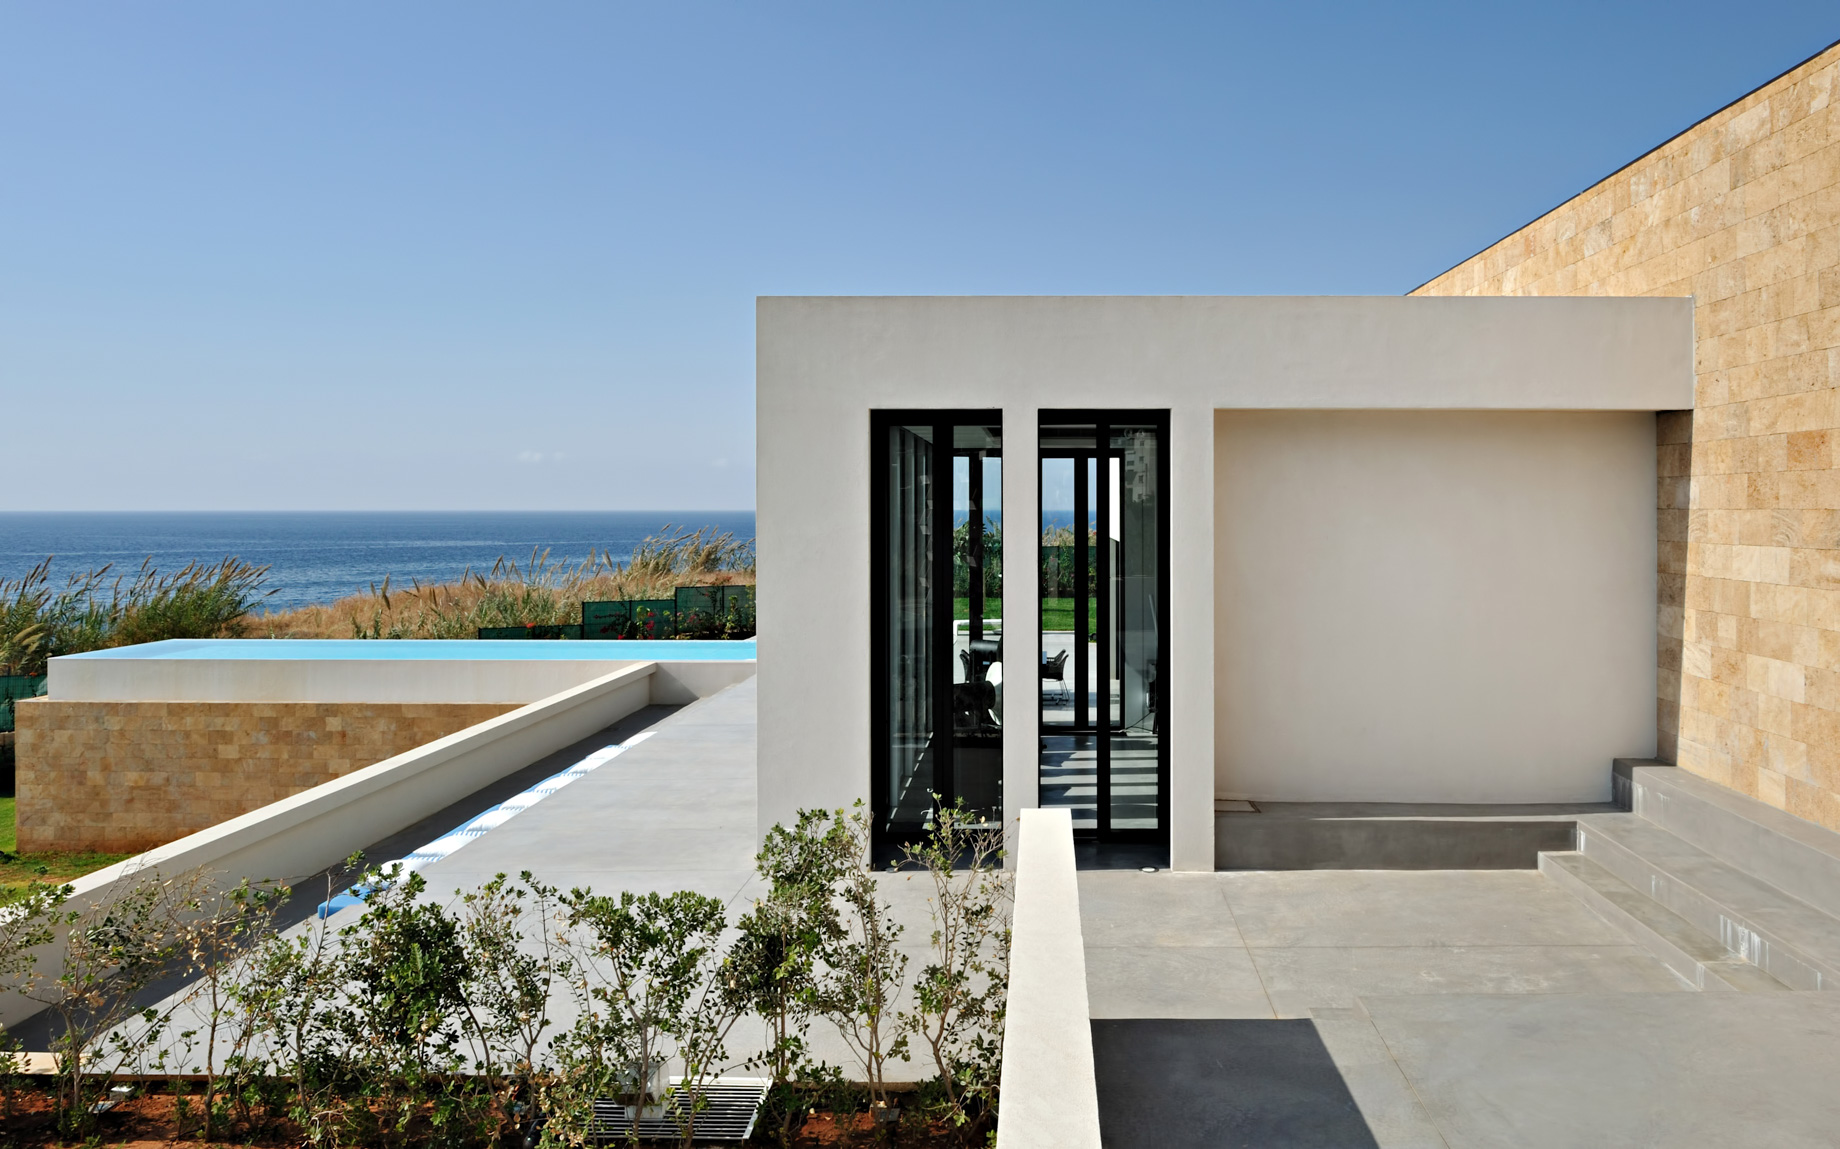 Fidar Beach House Luxury Residence – Fidar, Jbeil, Lebanon